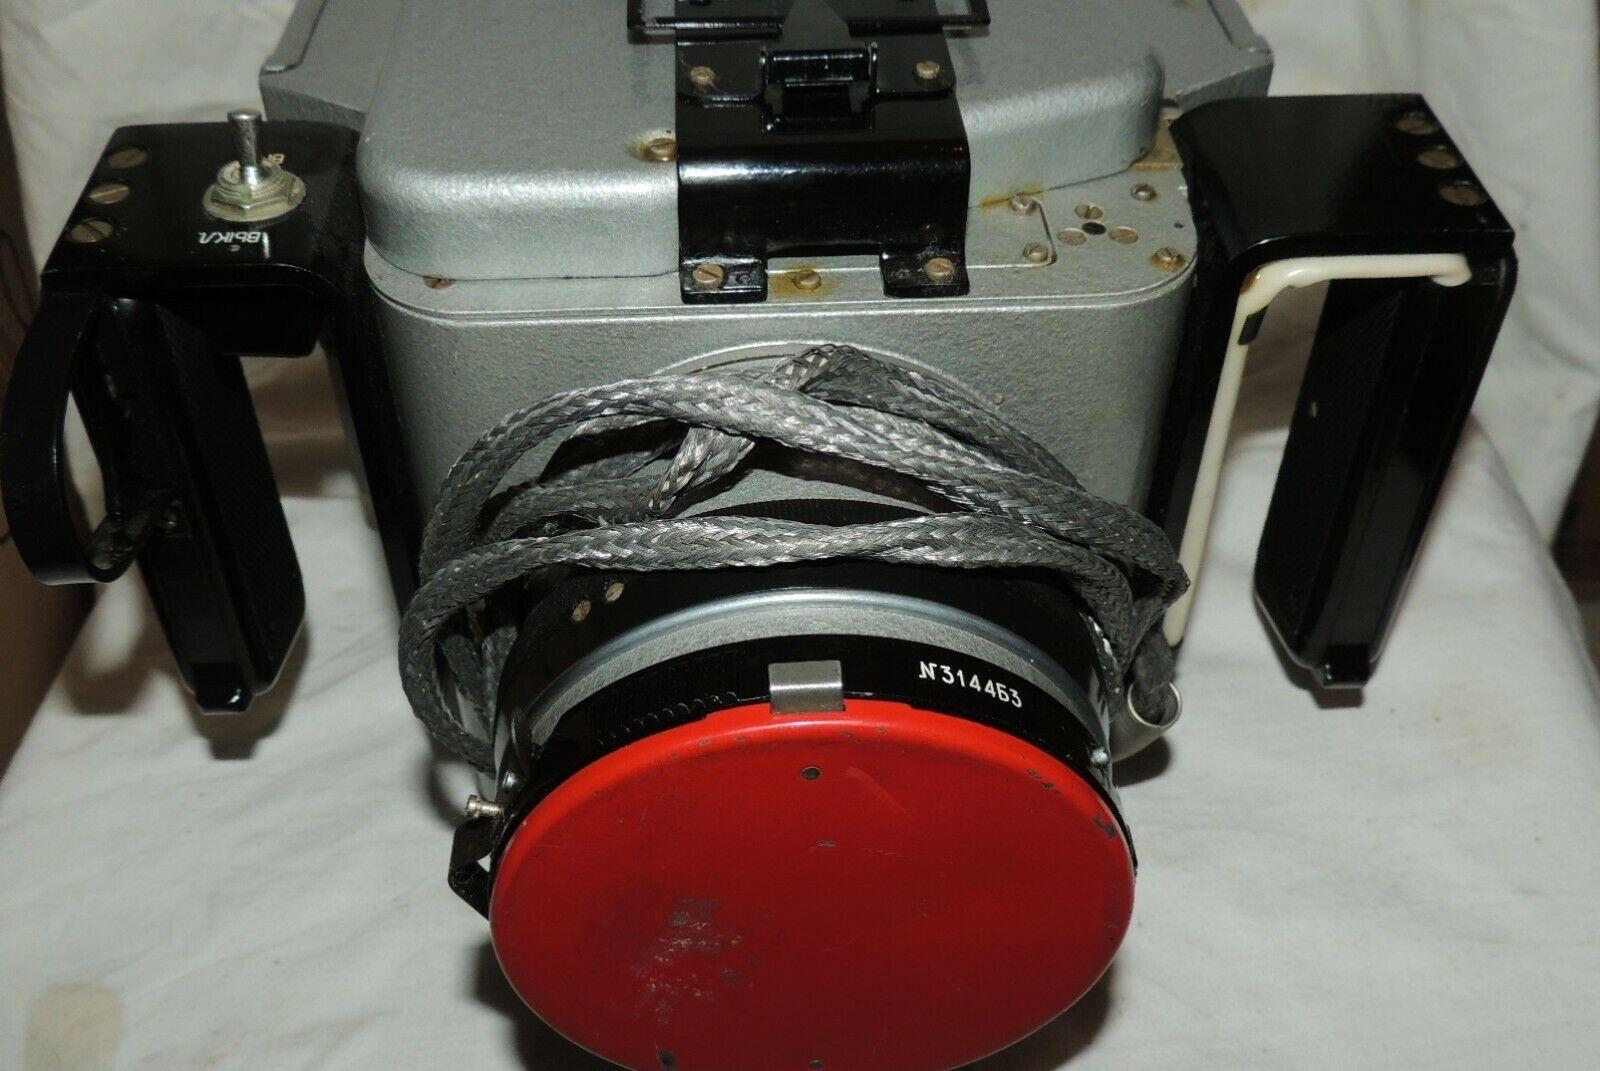 RA-39A camera (Pic: Depotmilitary_com/eBay)